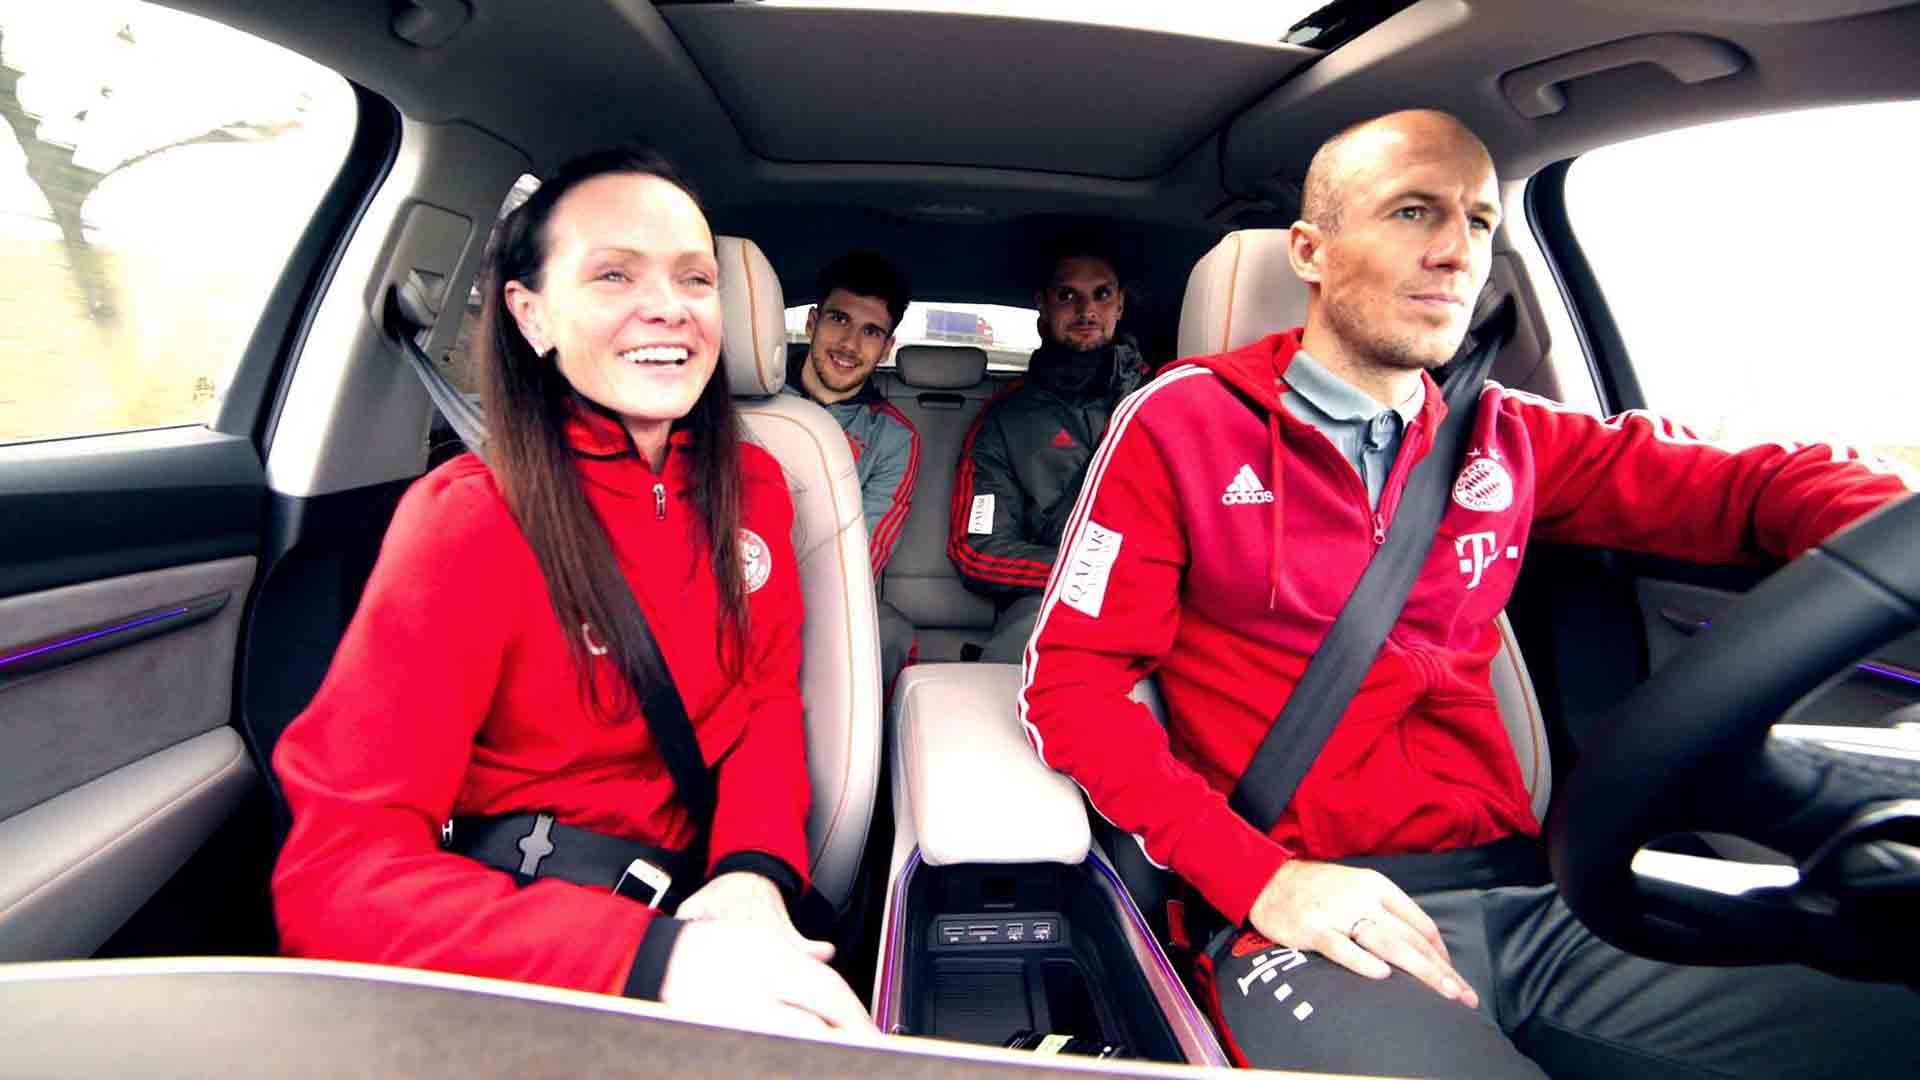 Das Bild zeigt ein Auto in dem vier Menschen sitzen. Bei diesen Menschen handelt es sich um FC Bayern München Stars und eine Trainerin einer Bambini Mannschaft. Der Mann der am Steuer sitzt ist Arjen Robben. Neben ihm sitzt Claudia Auner, sie ist Trainerin einer Bambini Mannschaft. Auf der Rückbank sitzen Leon Goretzka und Sven Ulreich. Das Bild dient als Sliderbild für den Portfolioeintrag Audi | FC Bayern München Ehrenrunde von Panda Pictures.